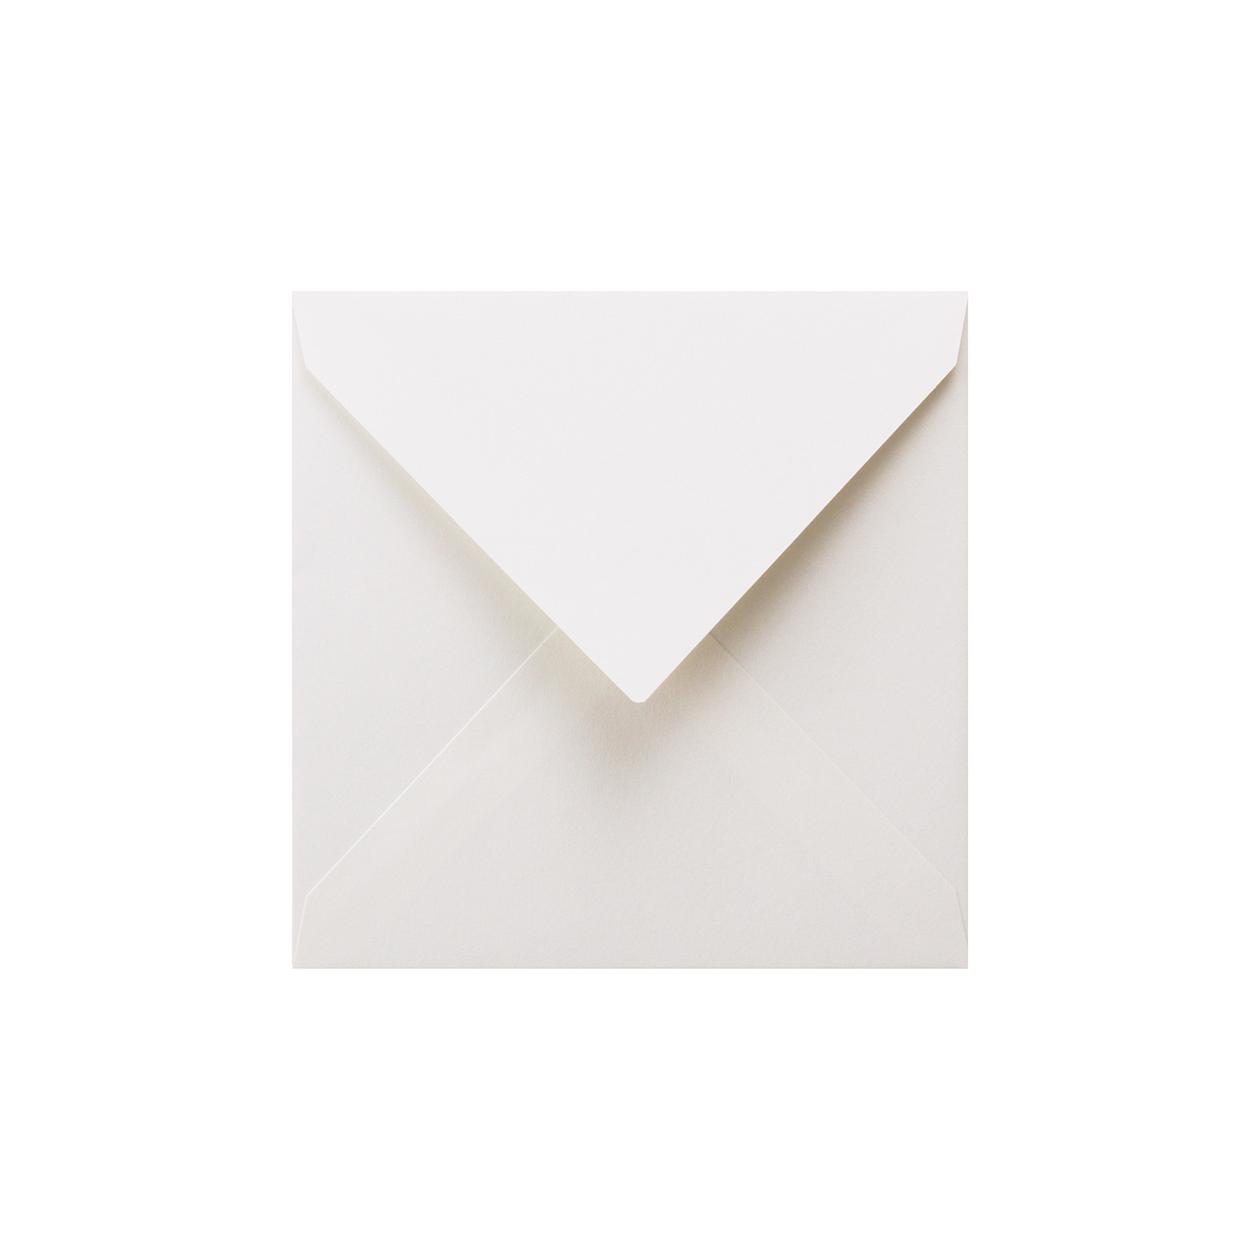 サンプル 封筒・袋 00099